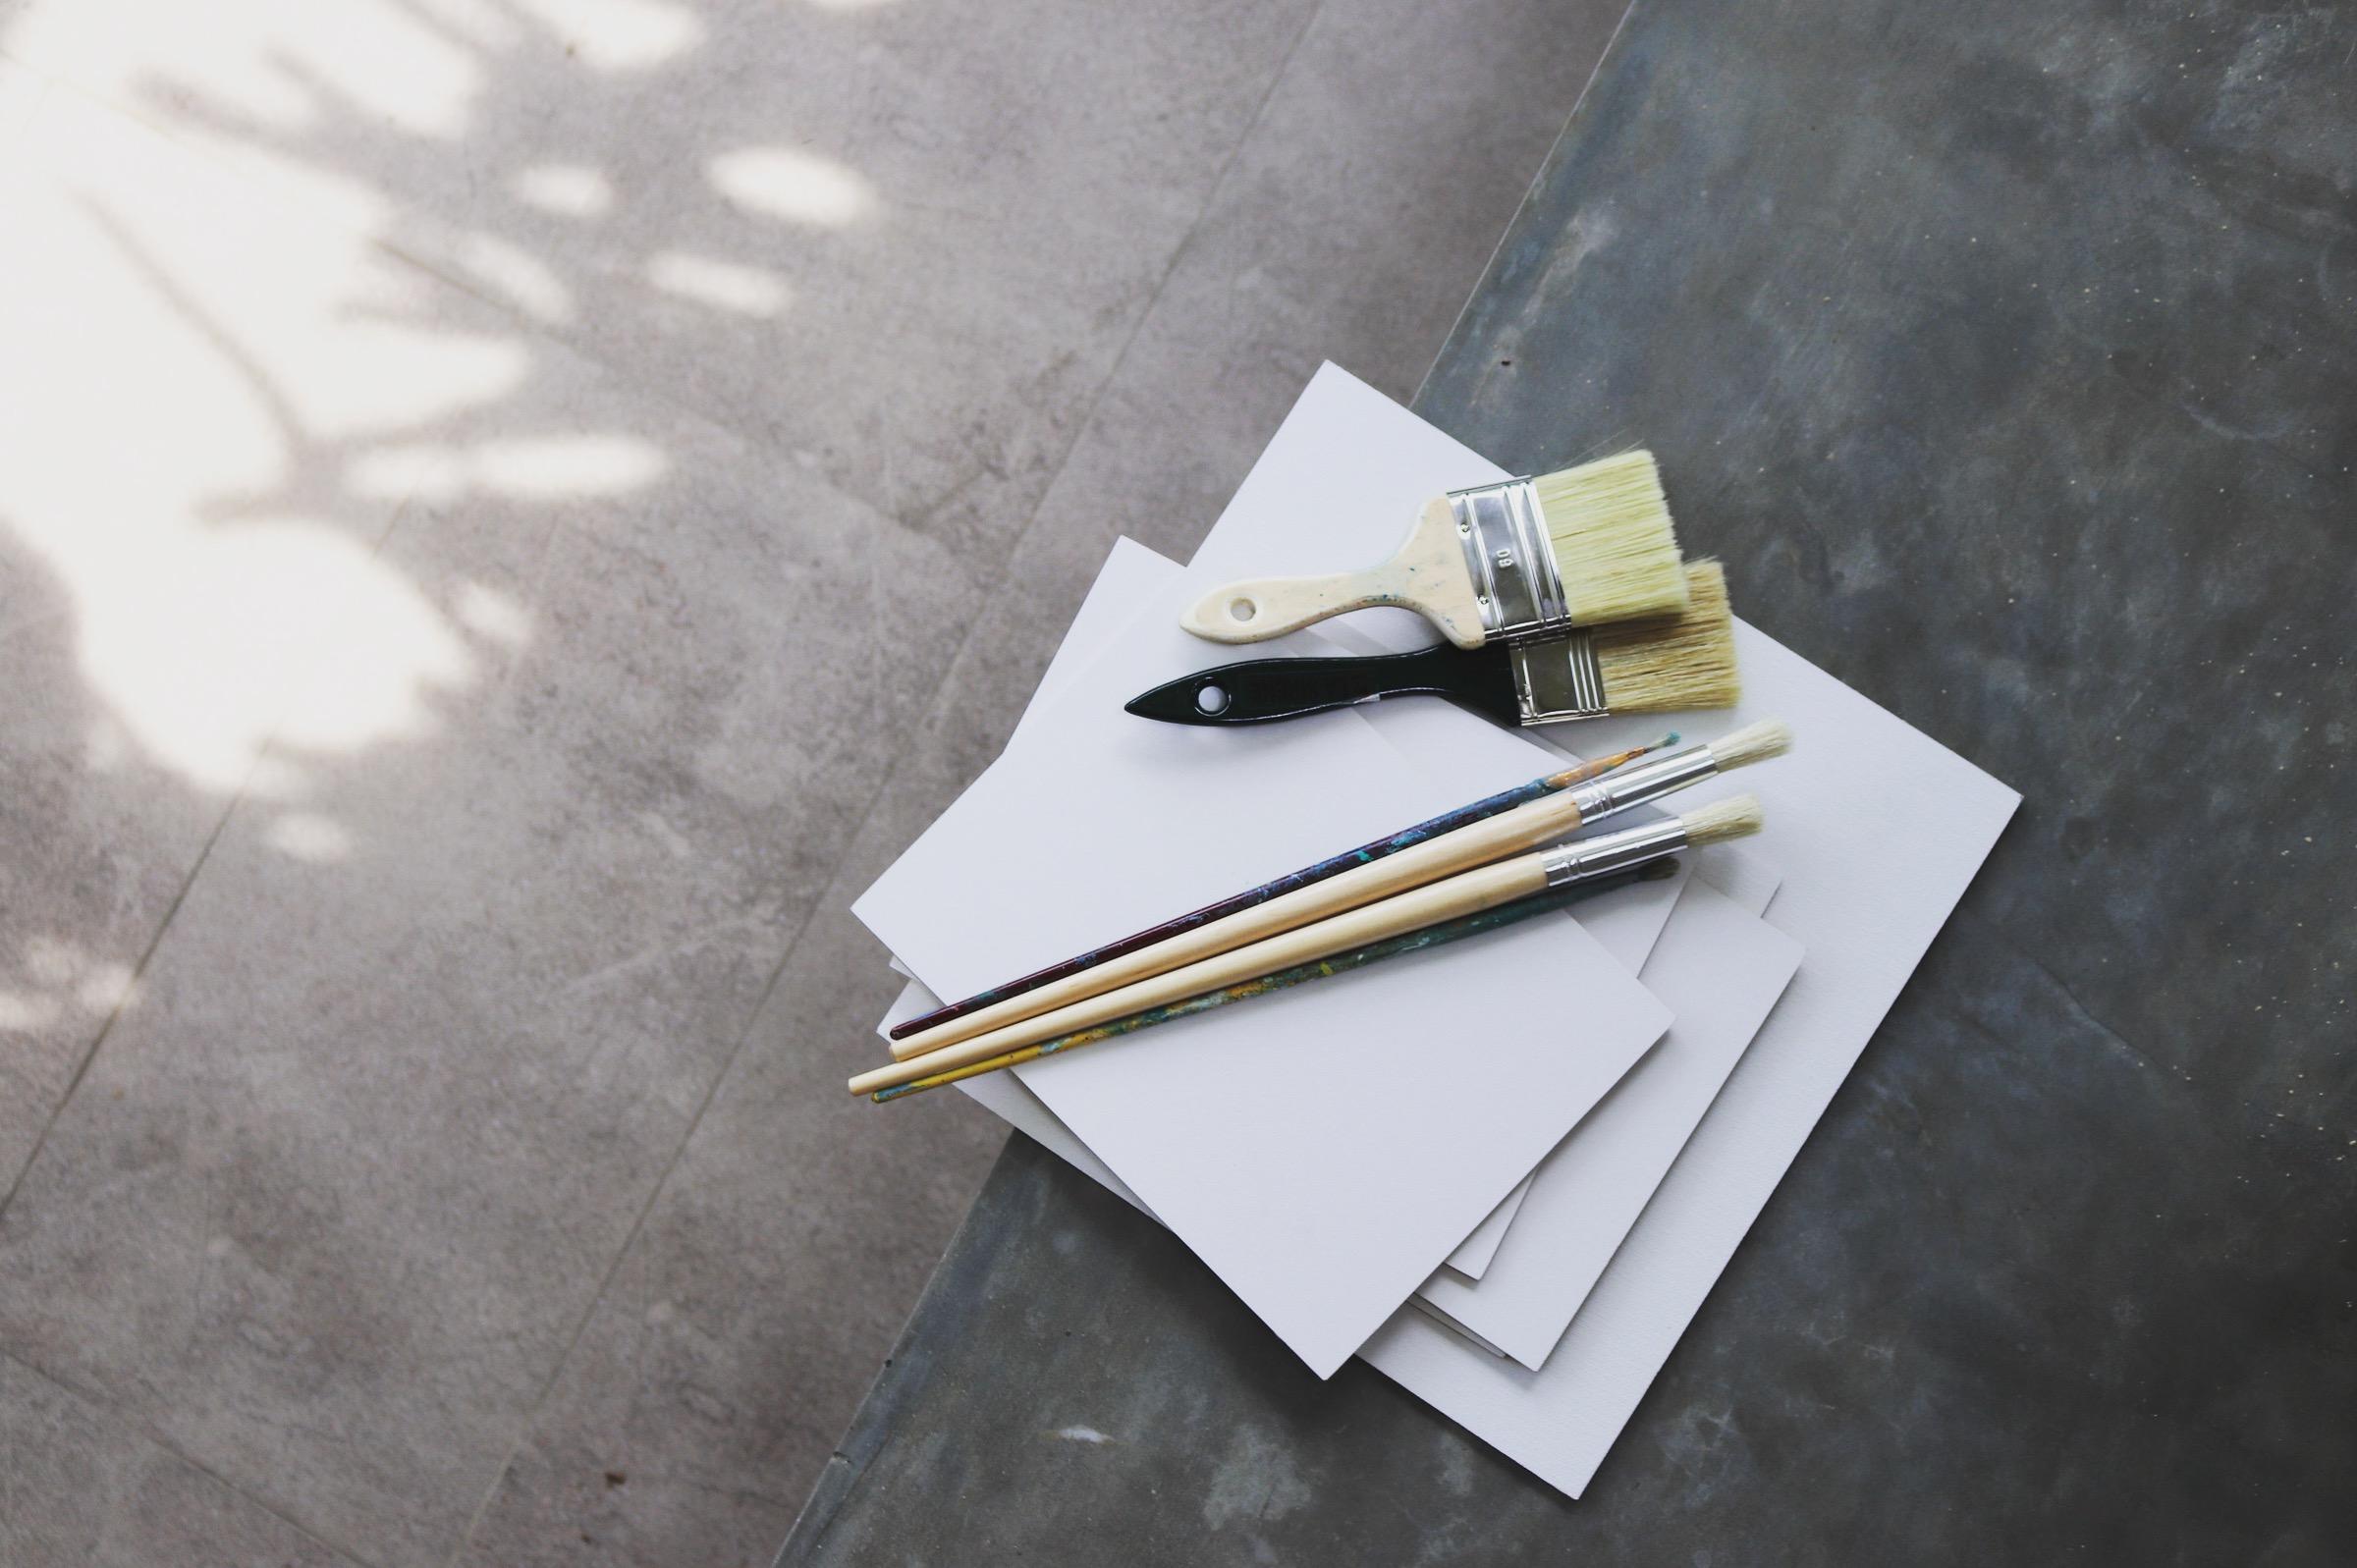 artist-residency-program